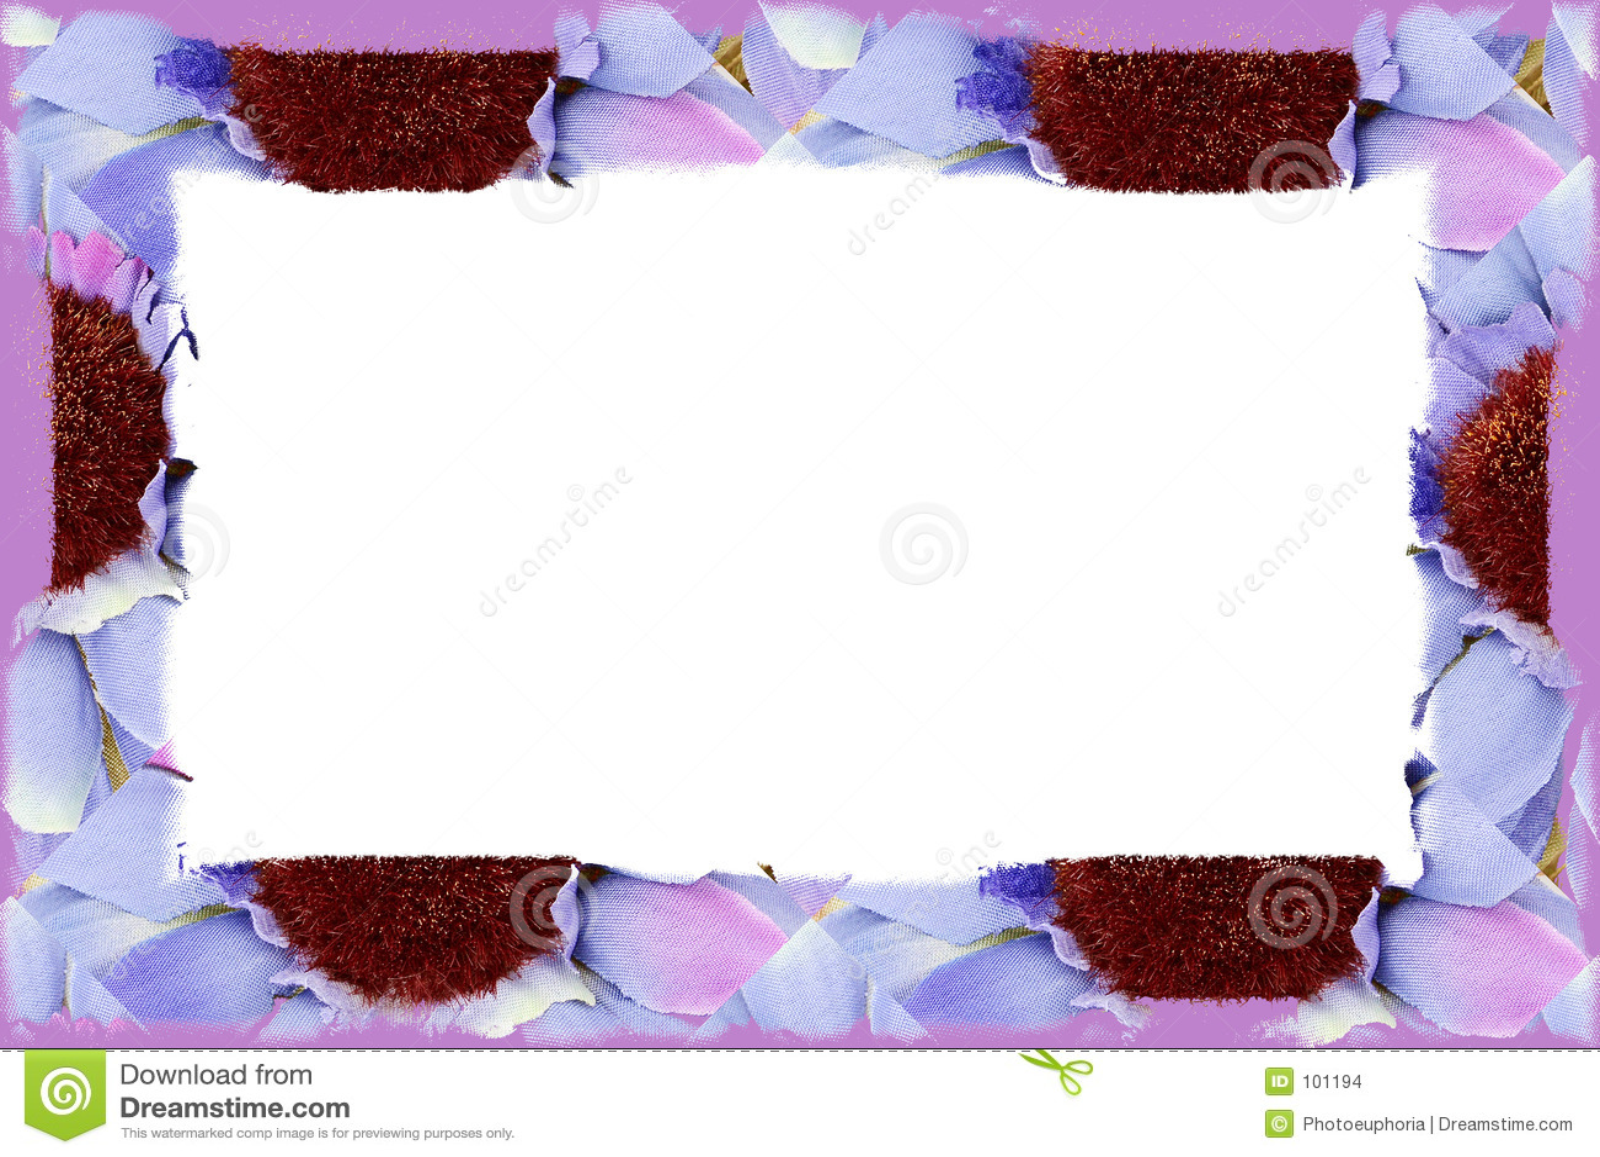 Flower Fabric Border Over White